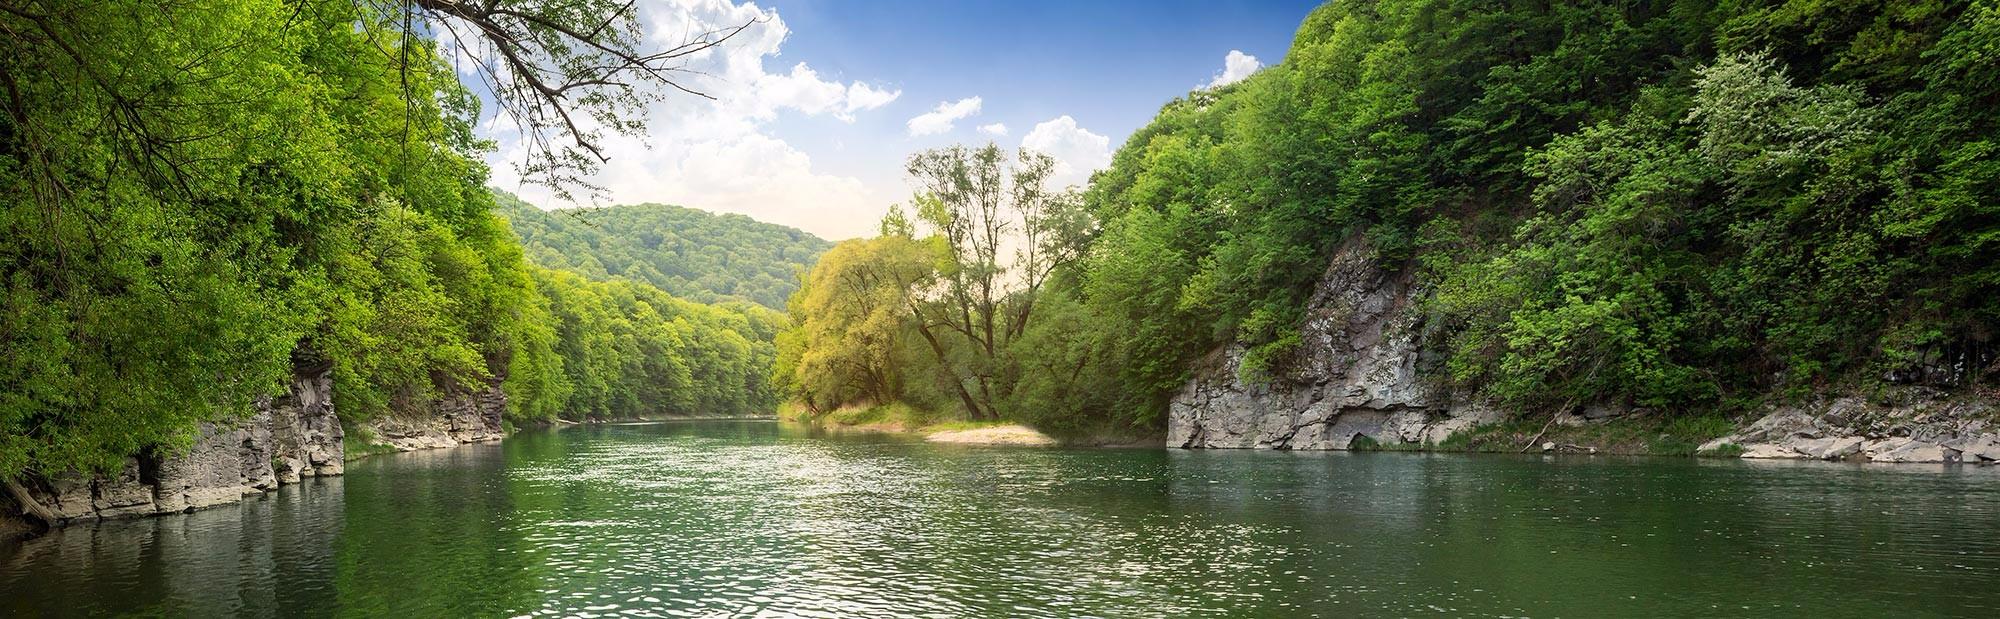 river_redux